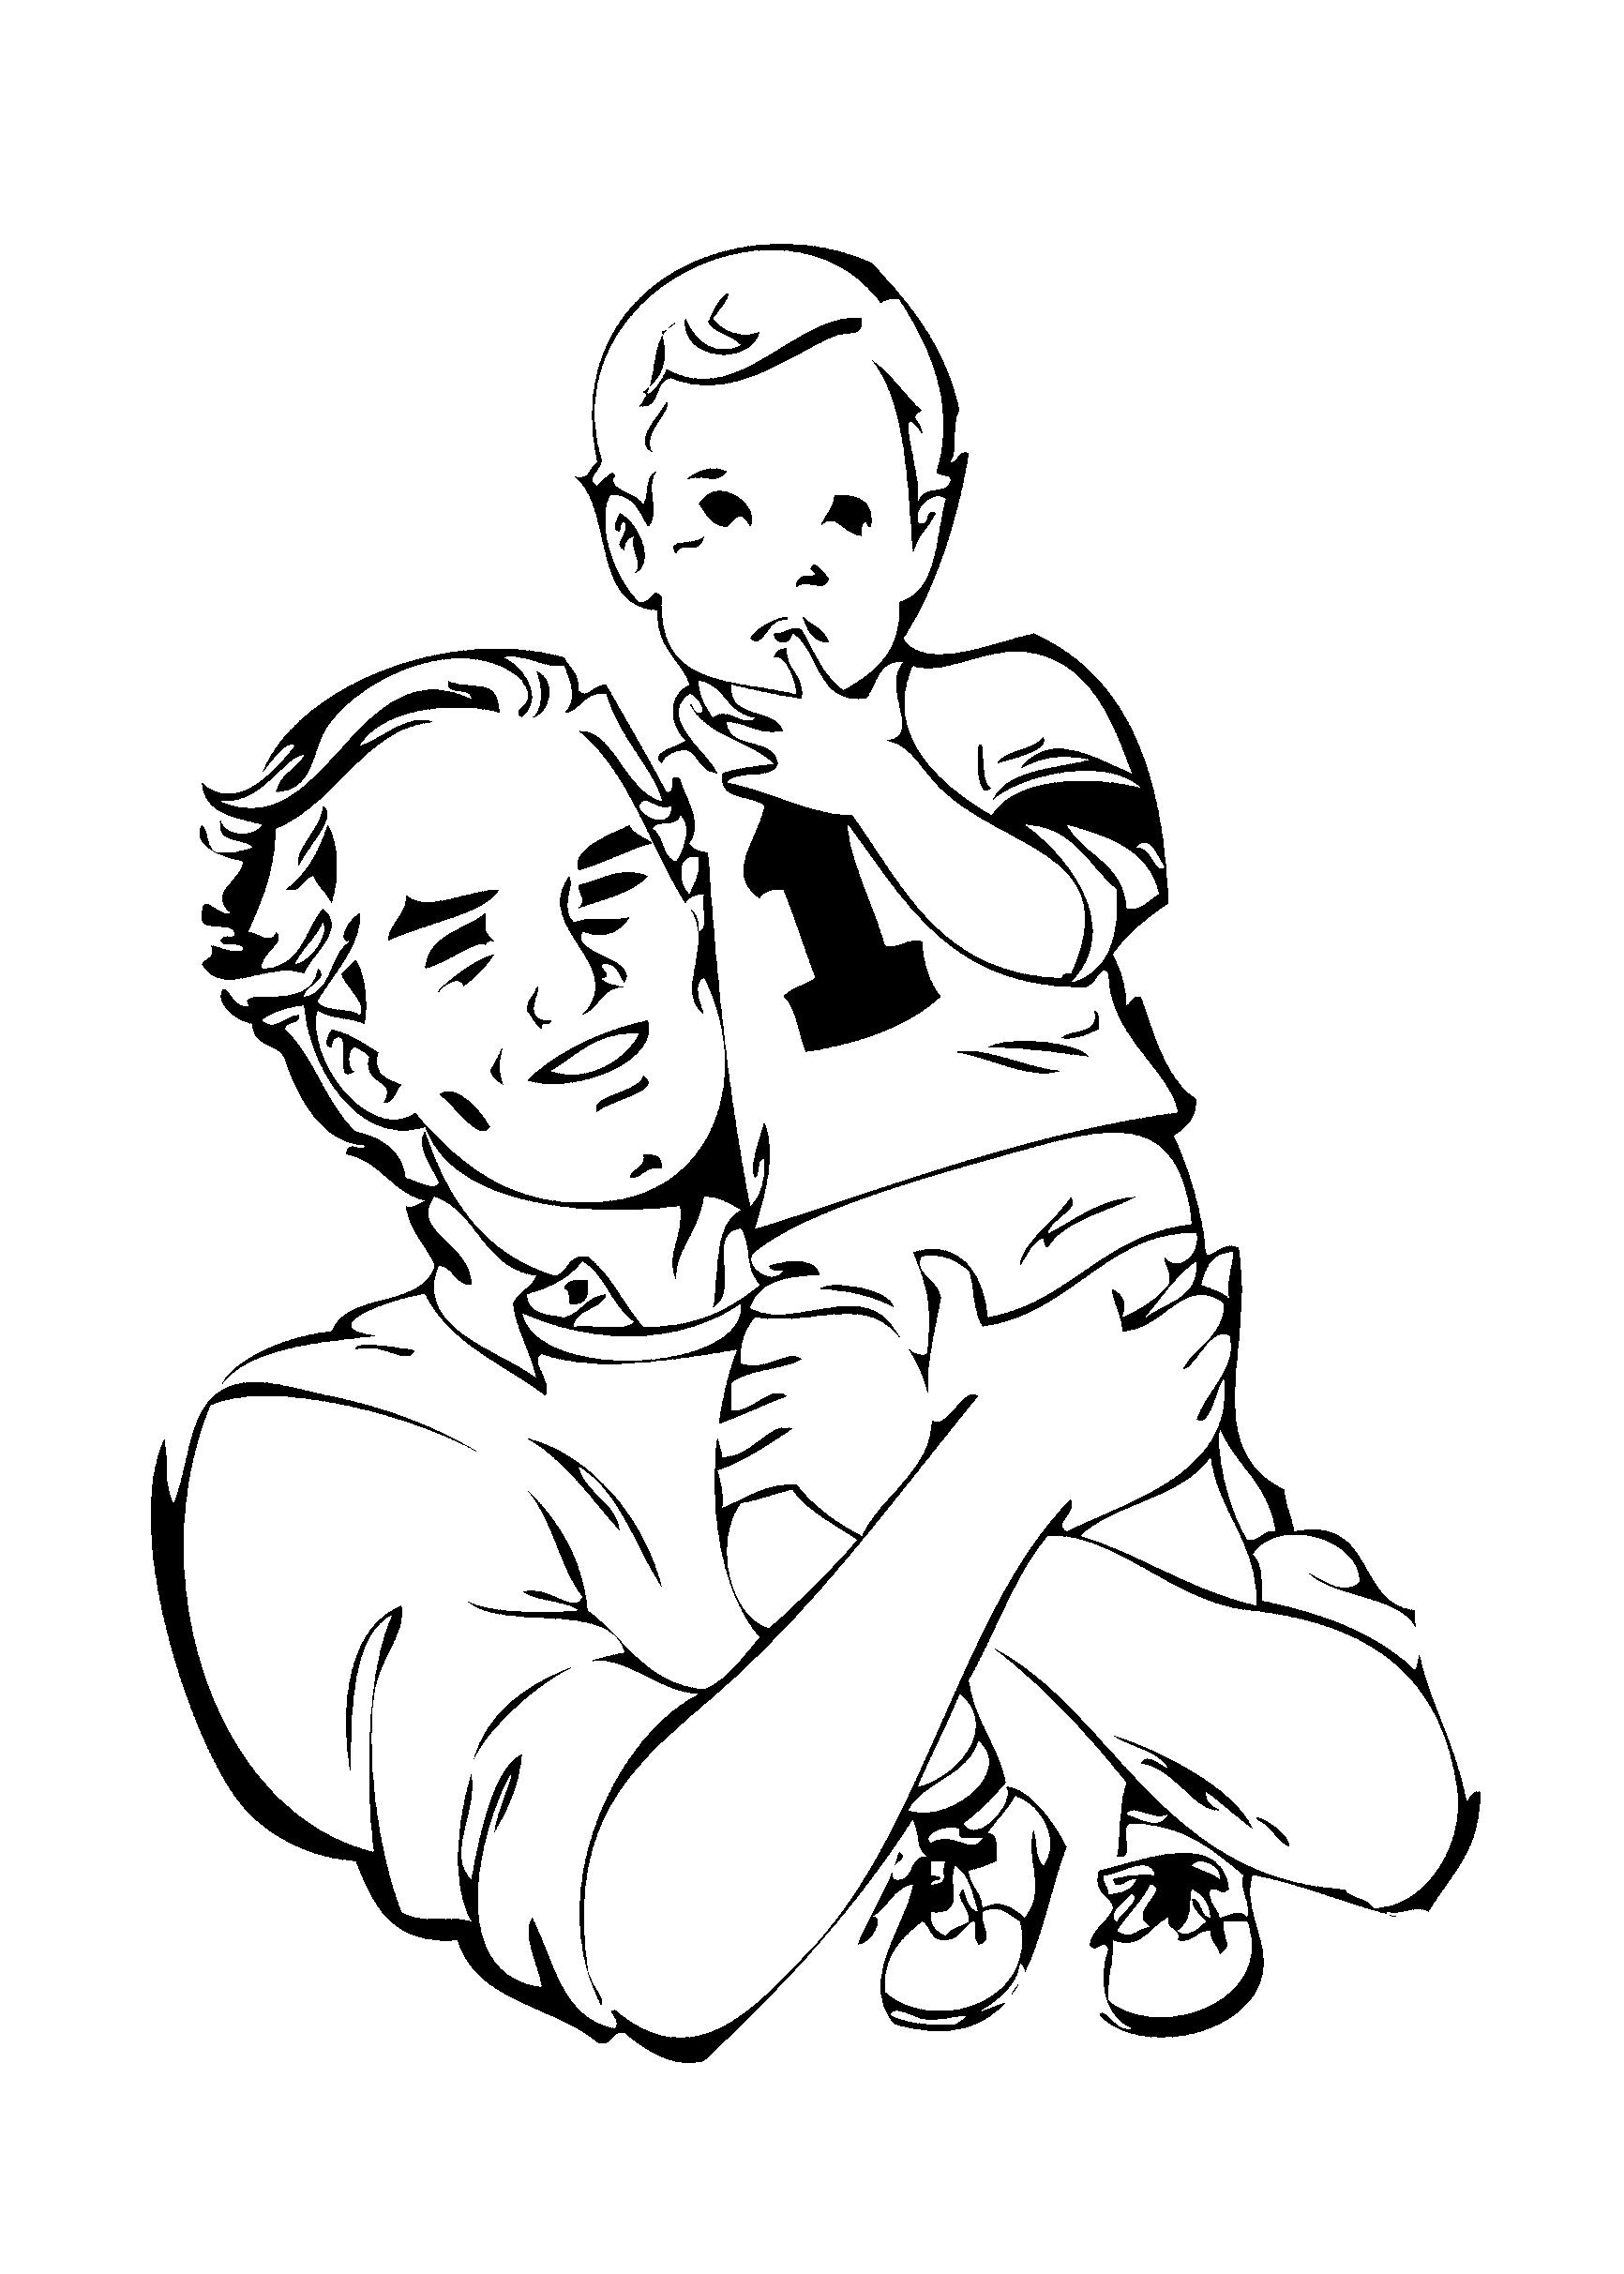 Famosos Desenhos para colorir do dia dos pais para imprimir PO48